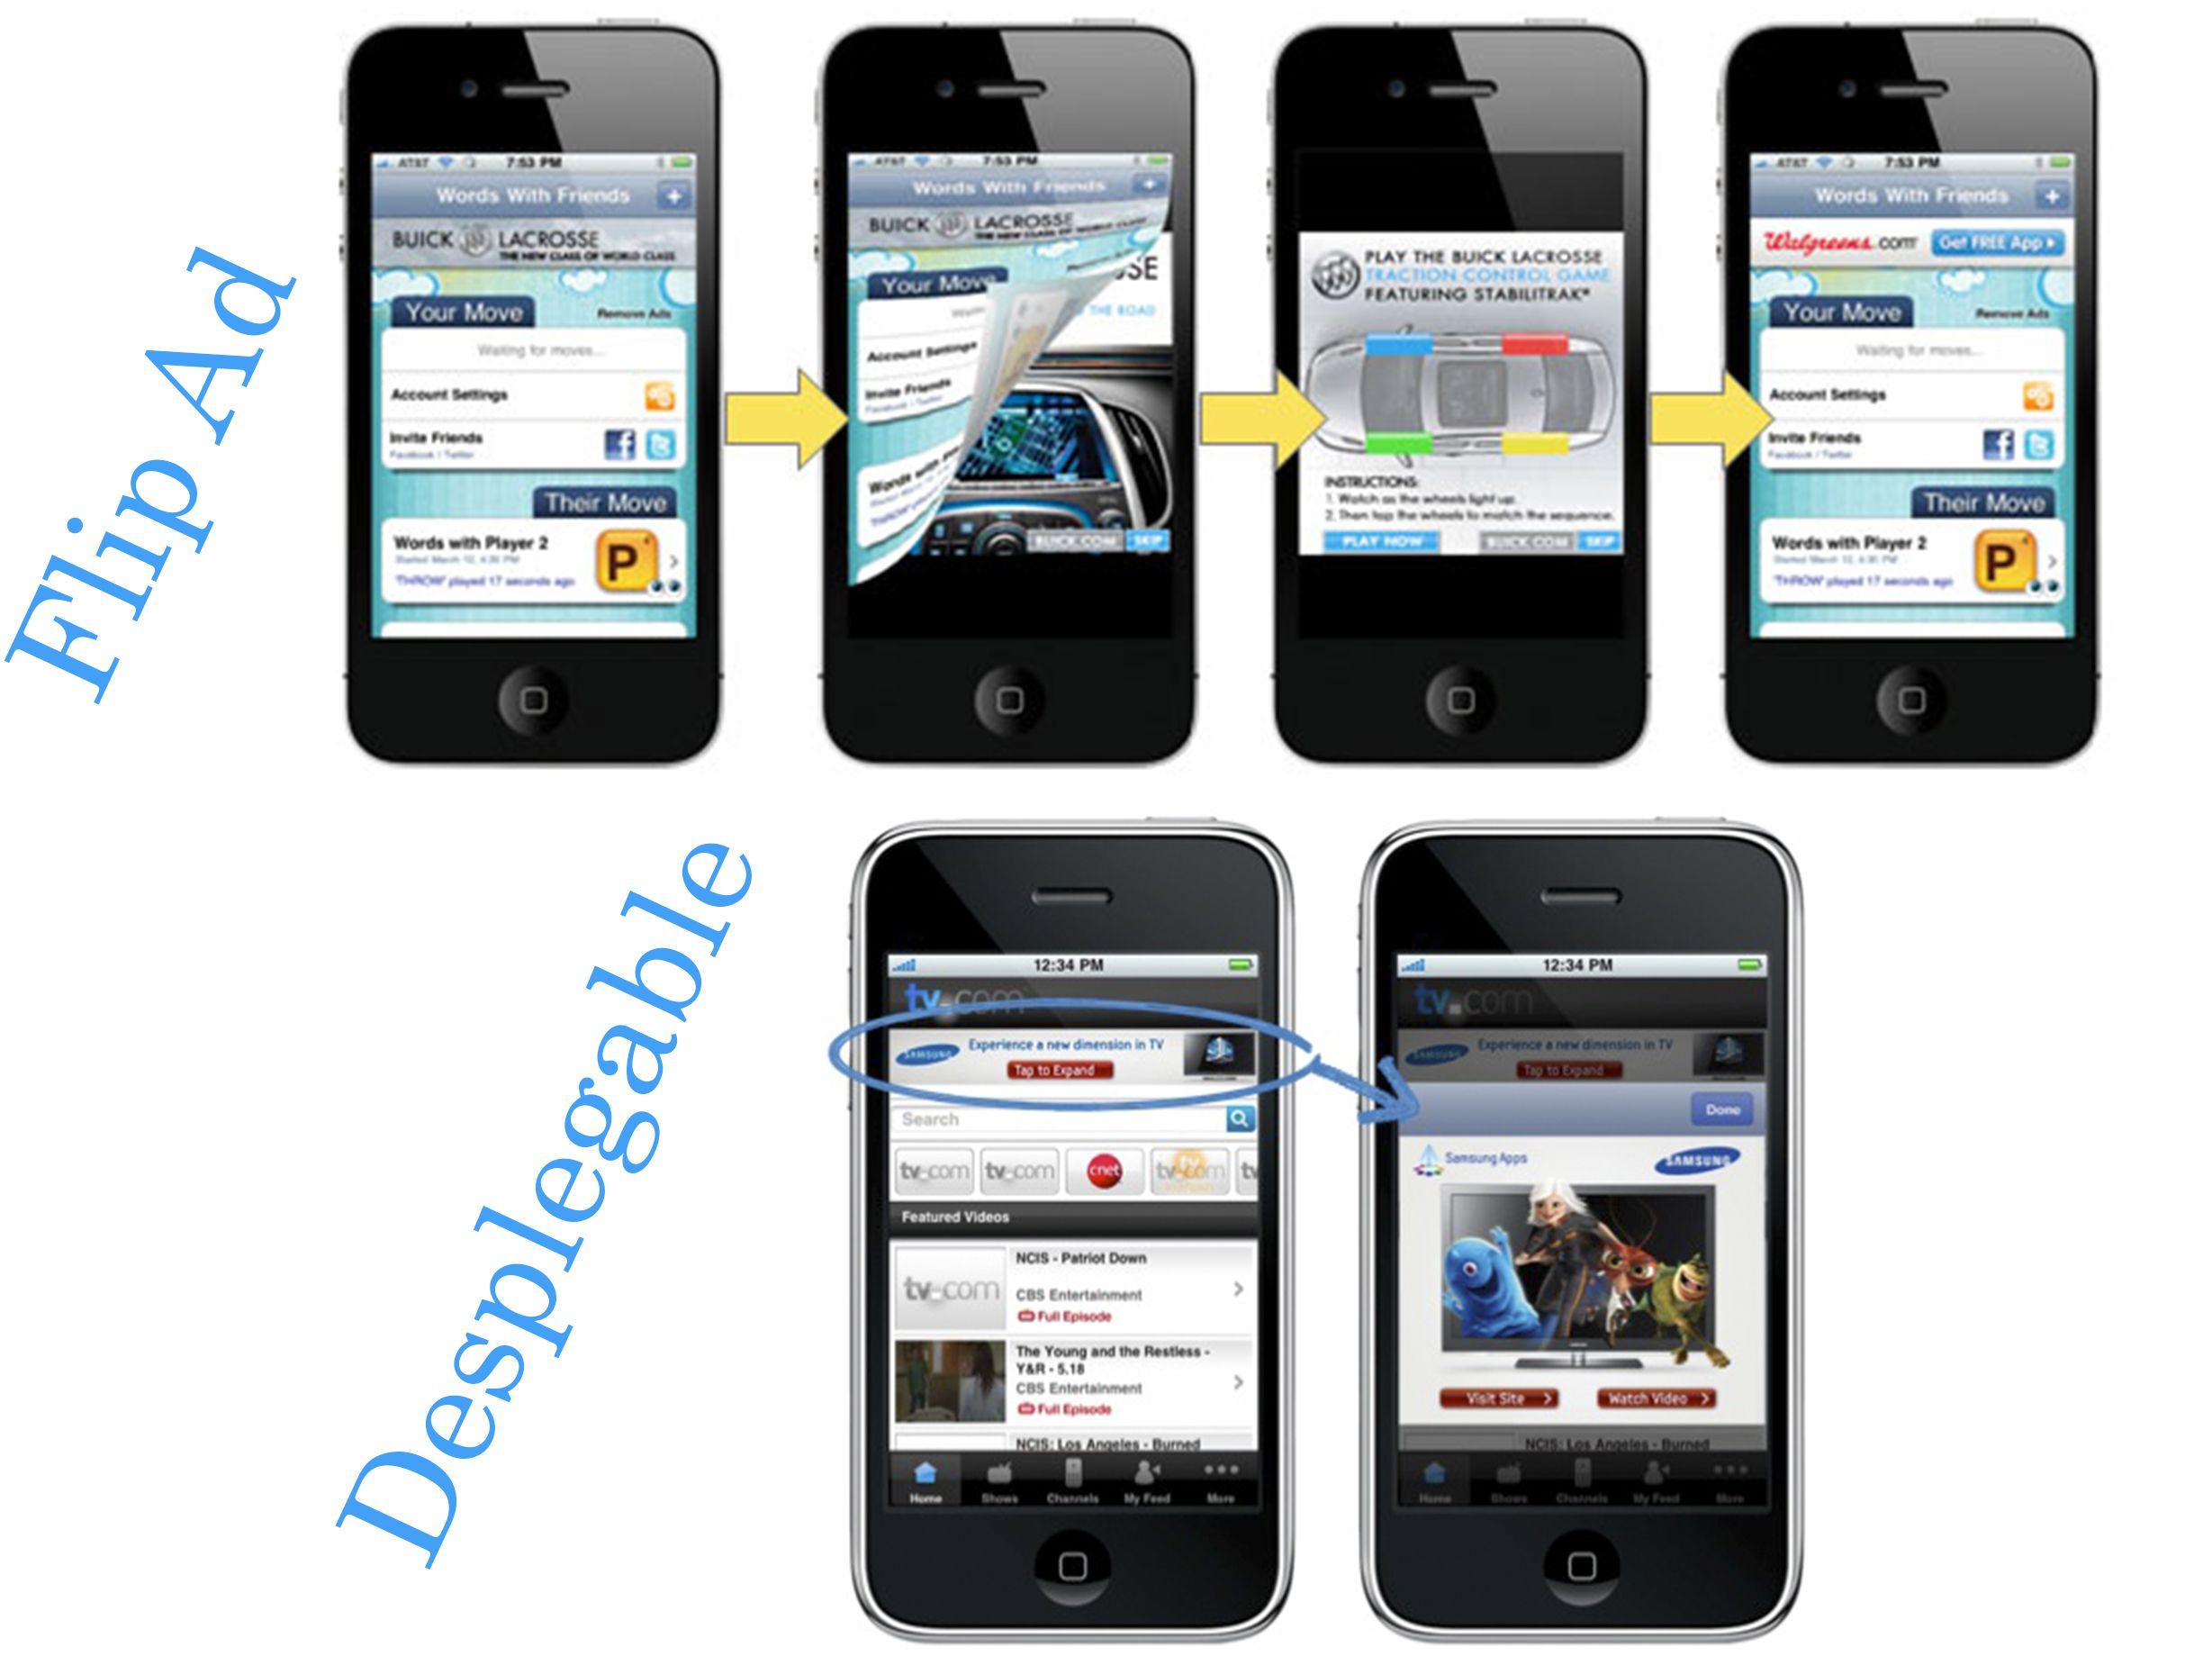 formato publicitario mobile_rich media